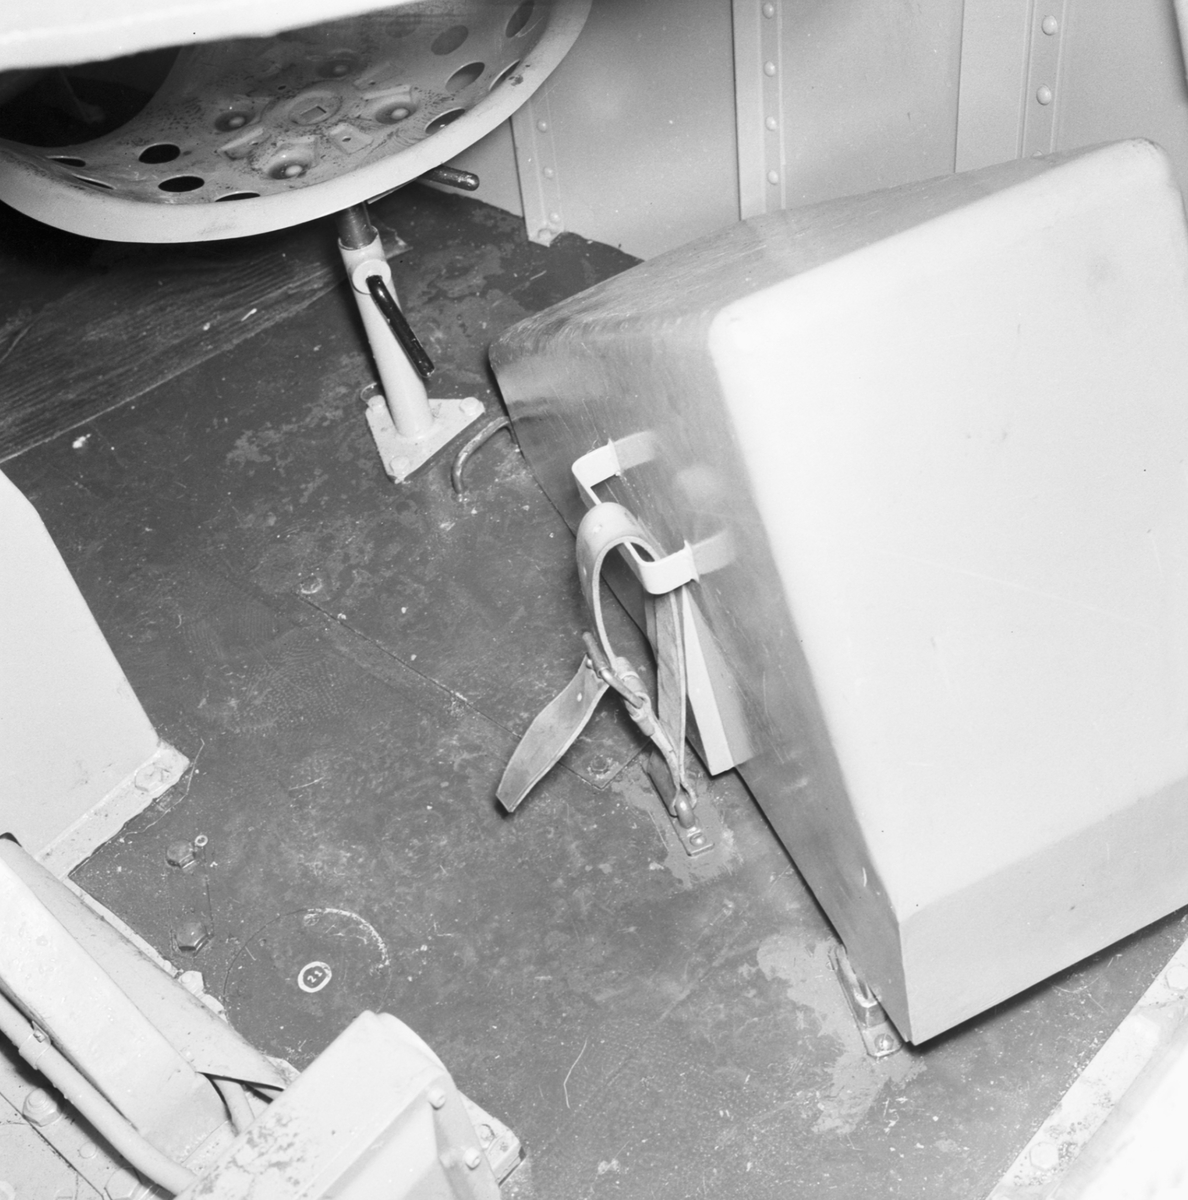 Exterör- och interiördetaljer på minsvepare, troligen LANDSORT.